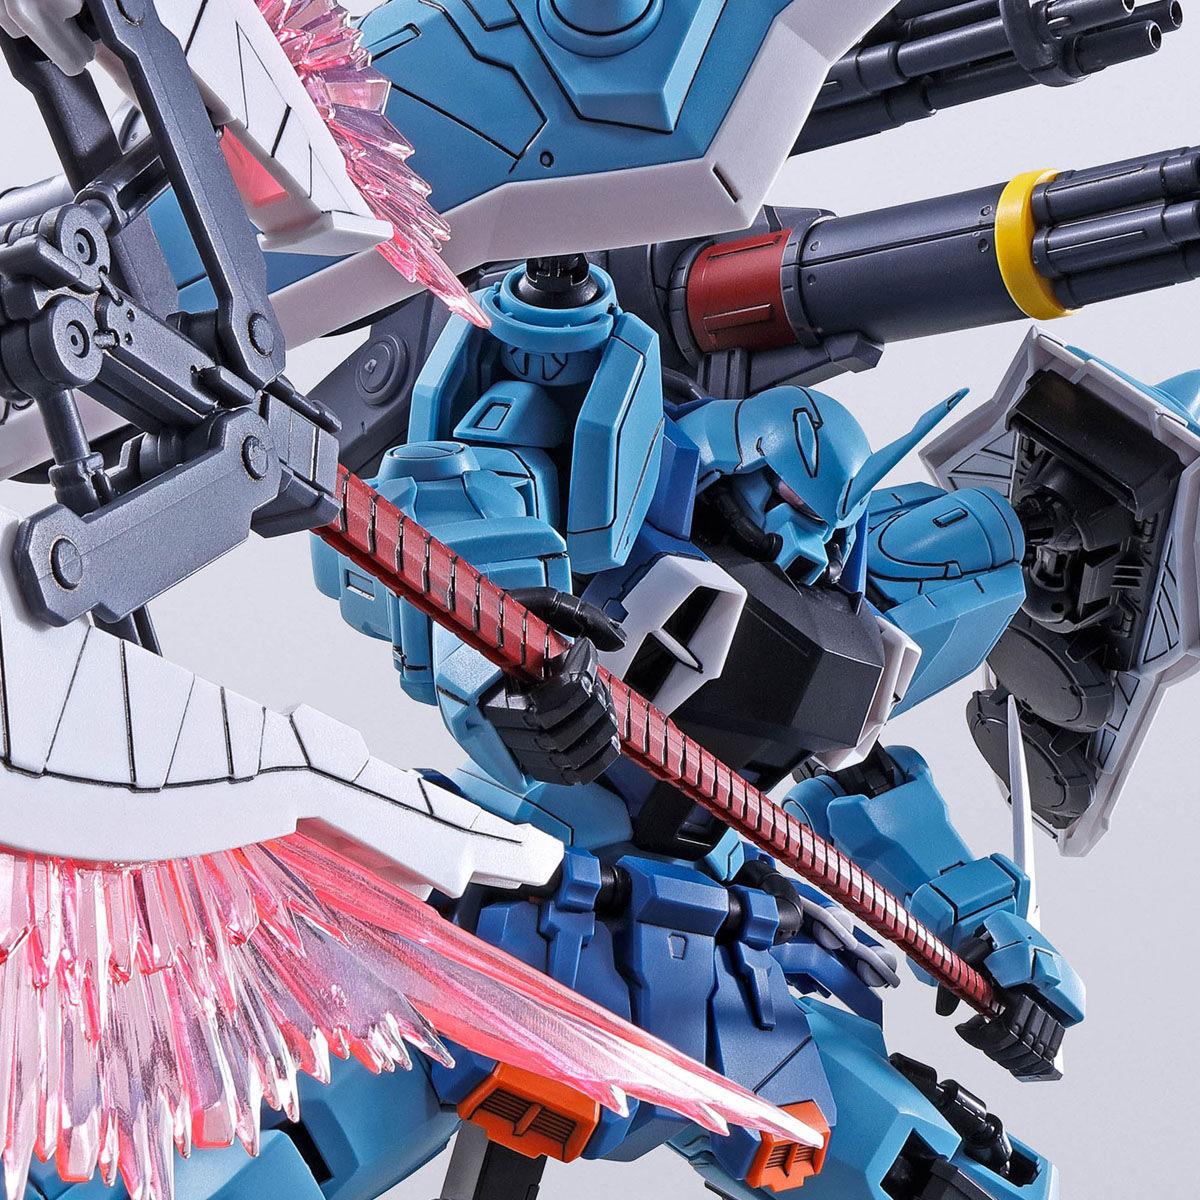 【限定販売】MG 1/100『スラッシュザクファントム(イザーク・ジュール専用機)』プラモデル-001